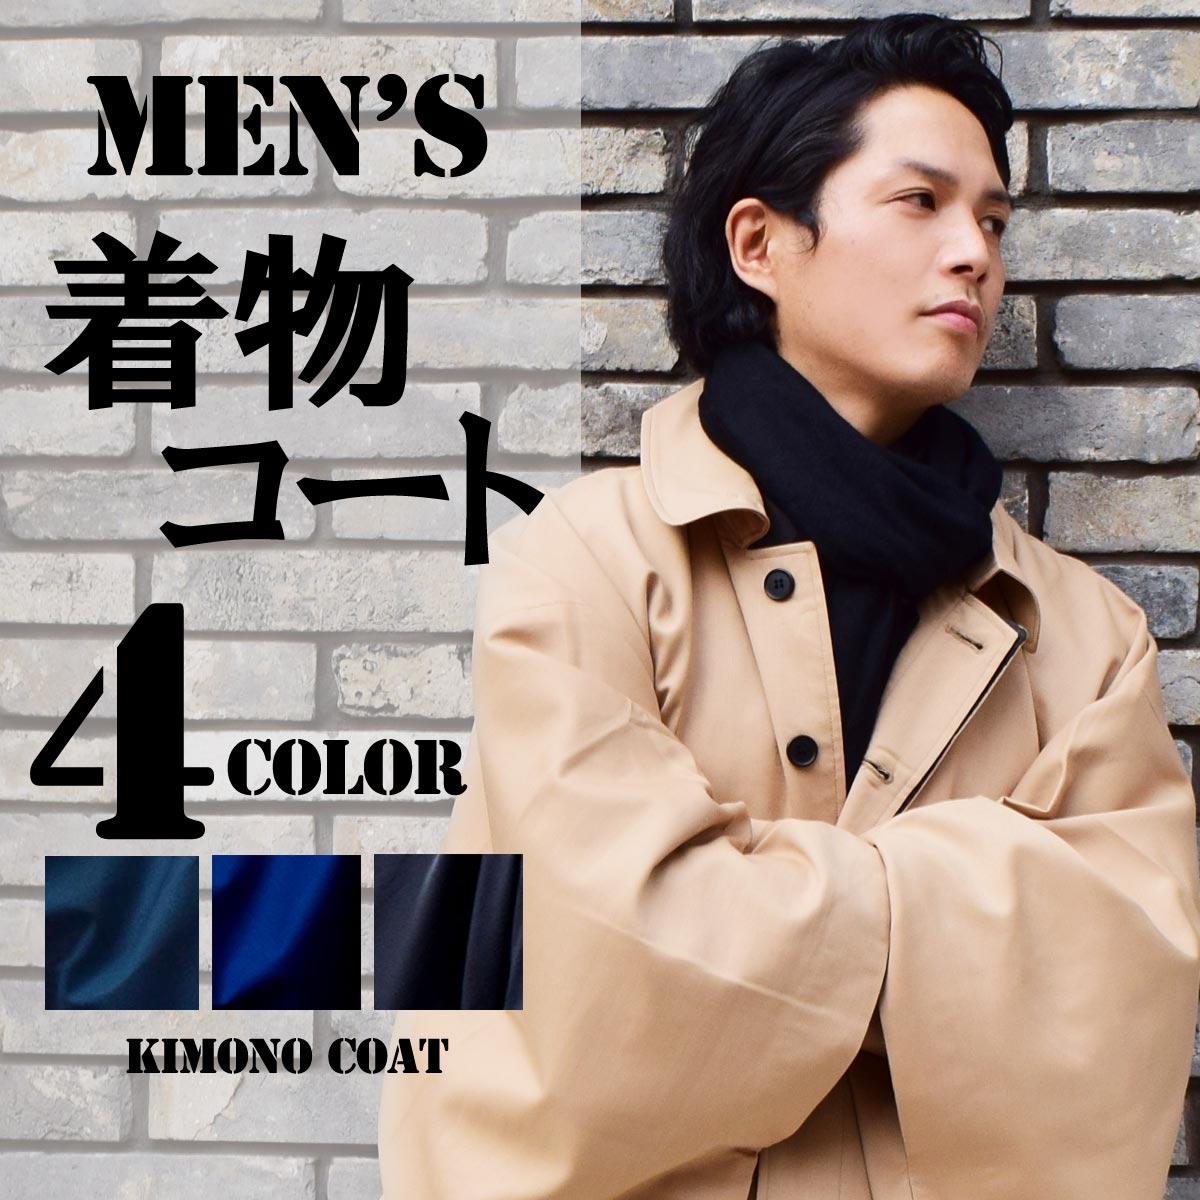 【紳士】和装コート【ウール】【メンズ】【4色】番号c204-21